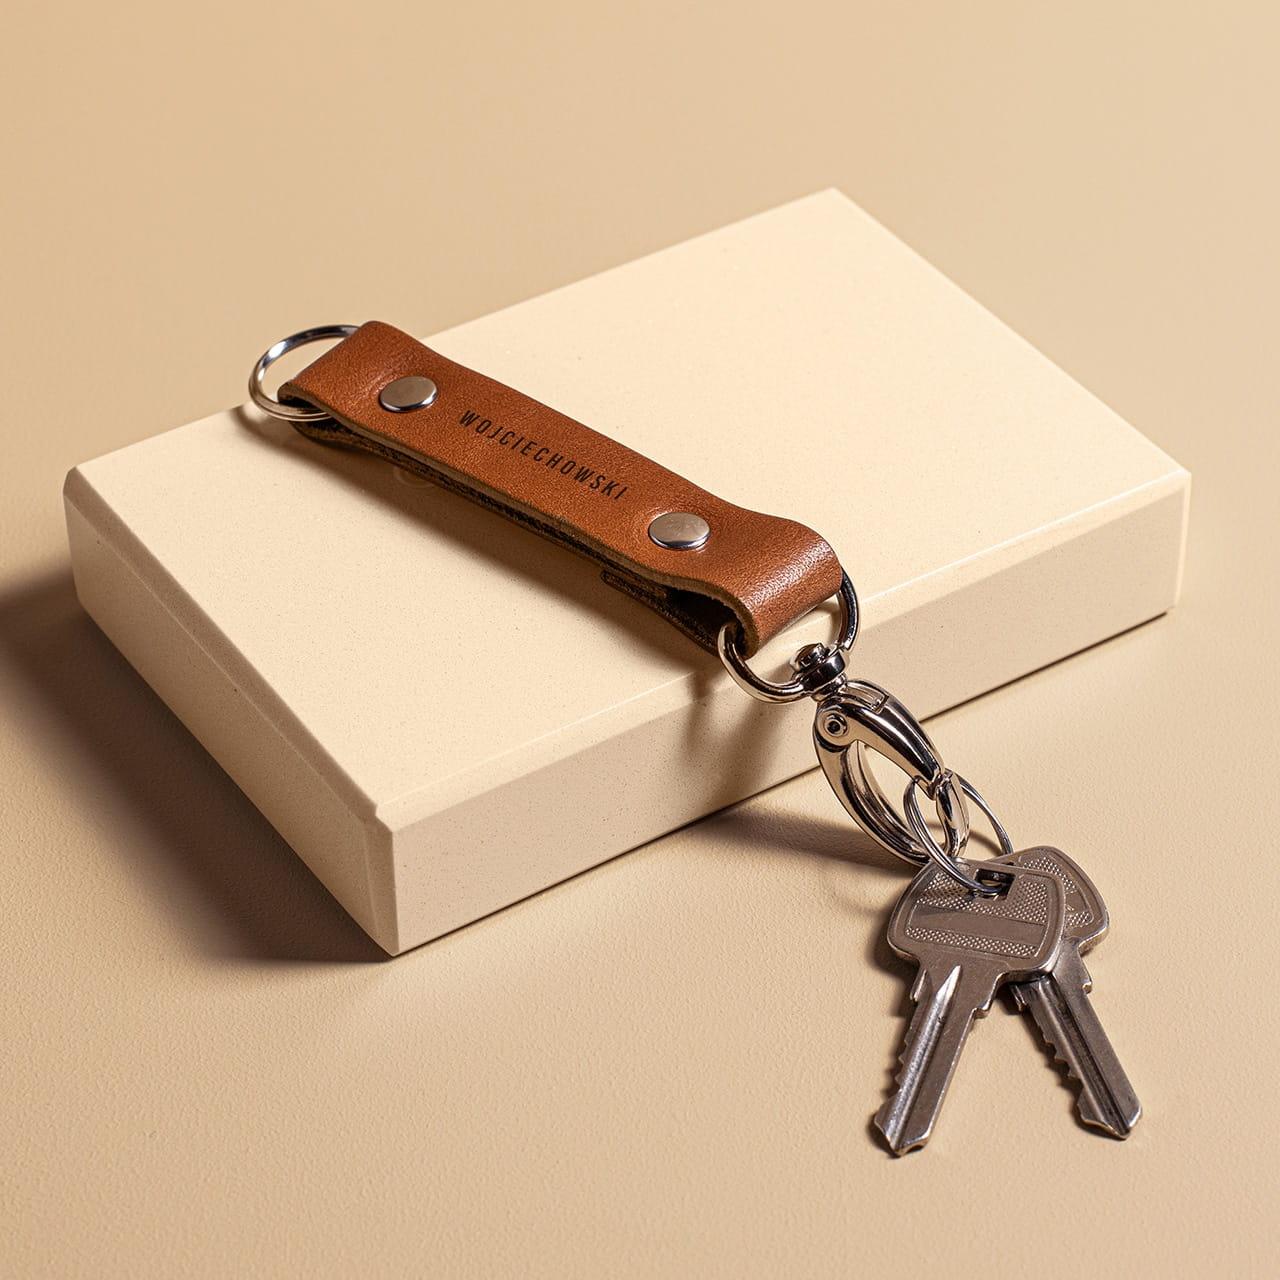 Skórzany brelok do kluczy to wyjątkowy prezent dla rodziny